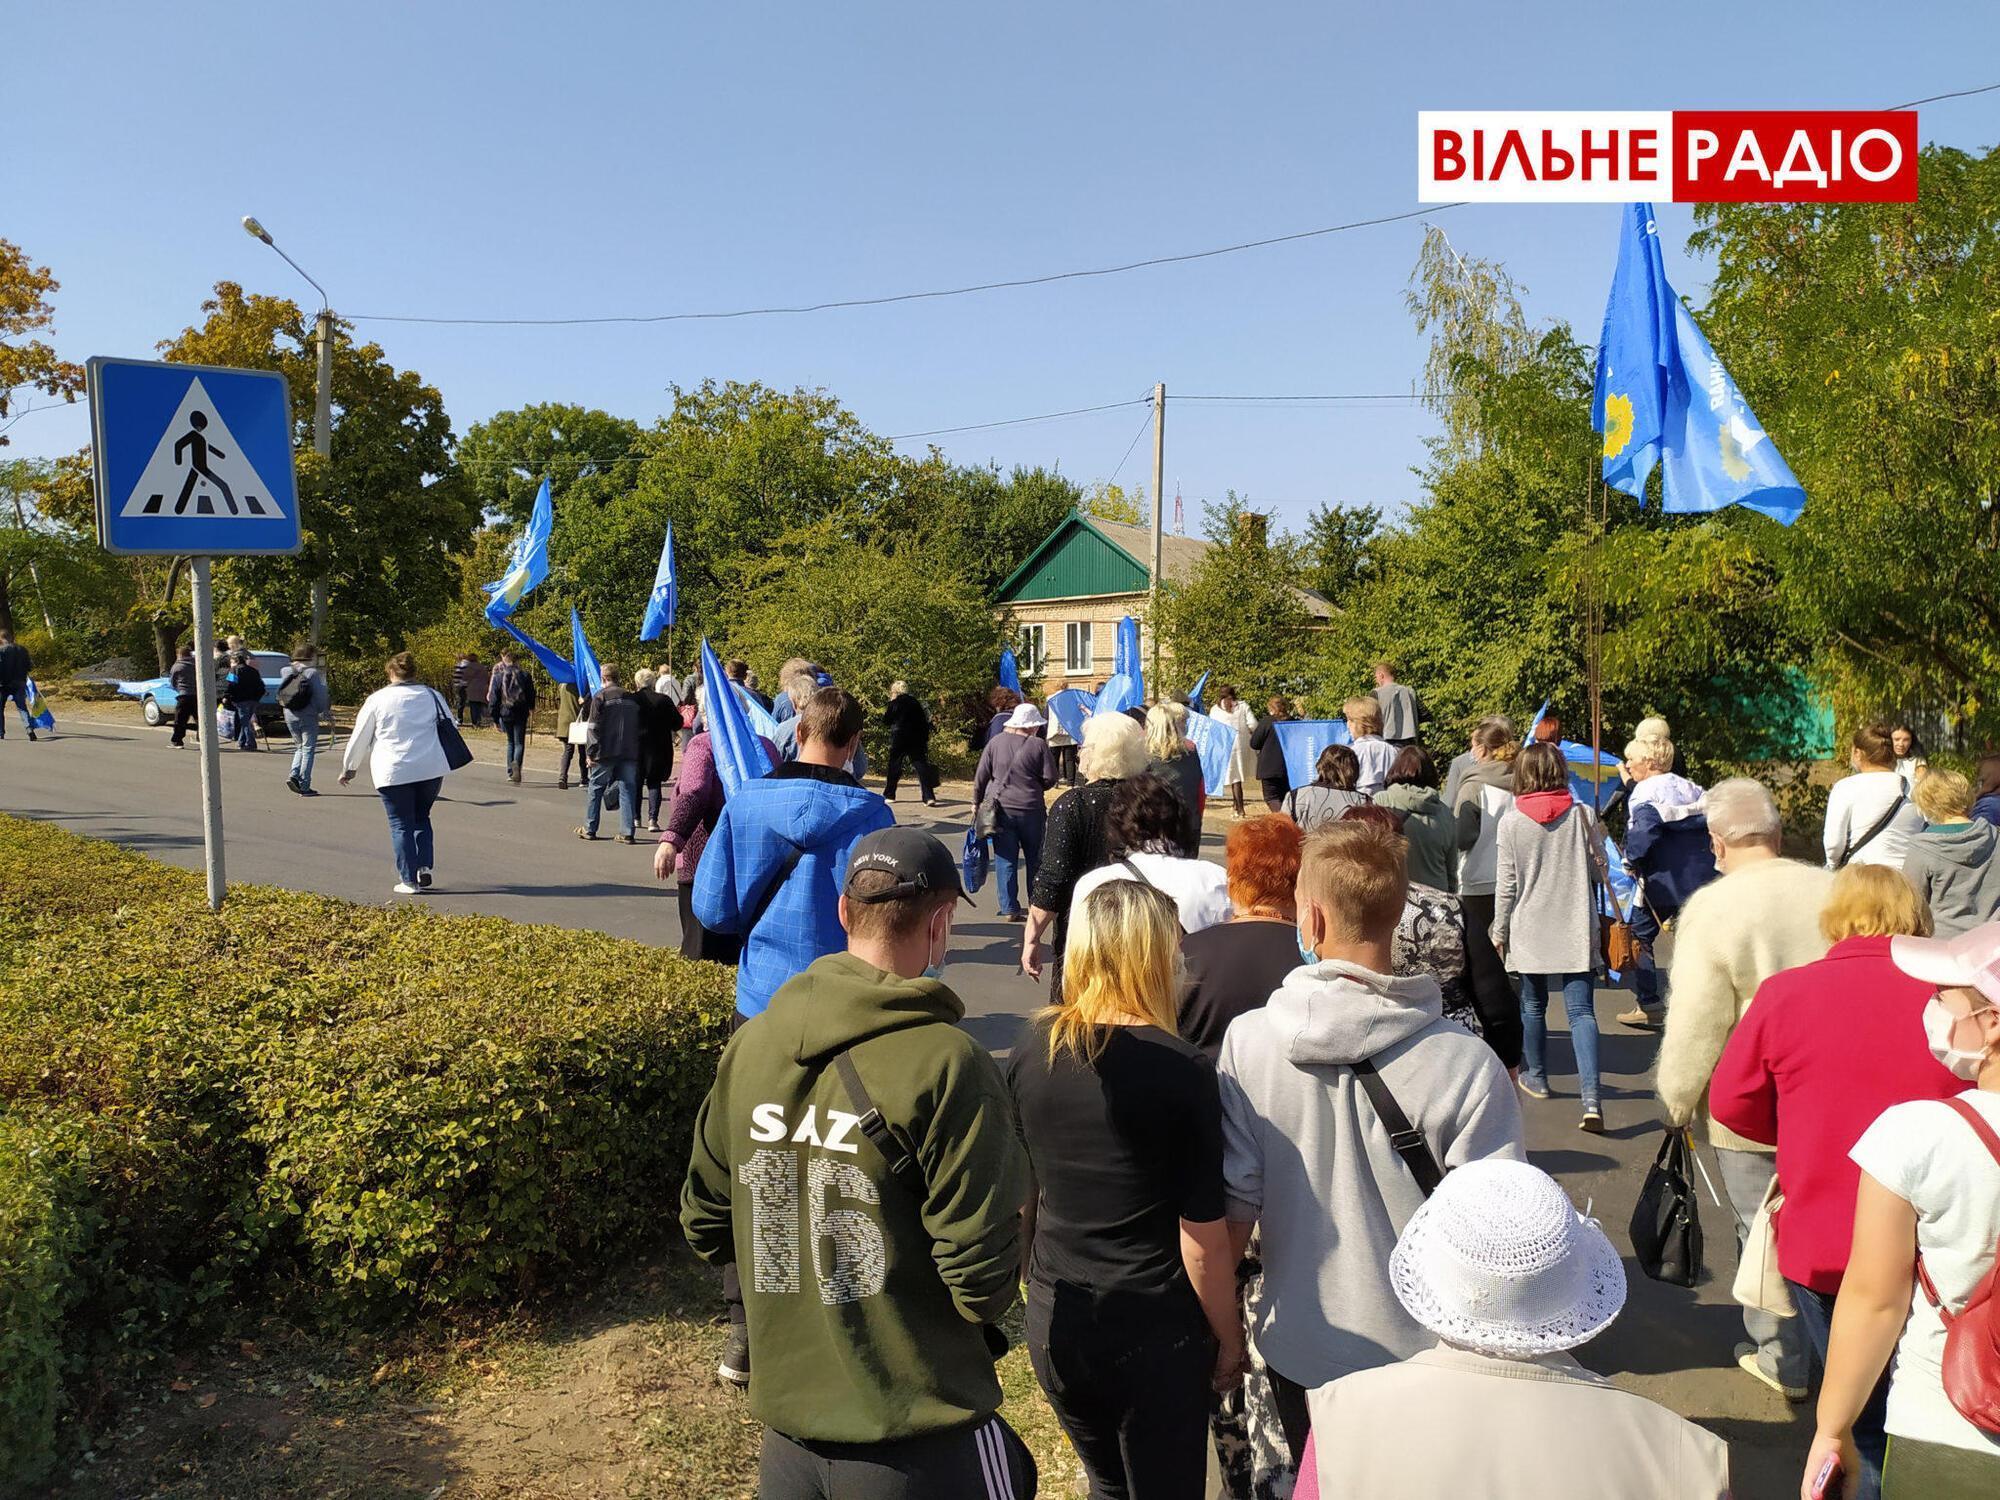 На акцию людей свезли на автобусах. Покидали территорию коммунального предприятия протестующие также организованно